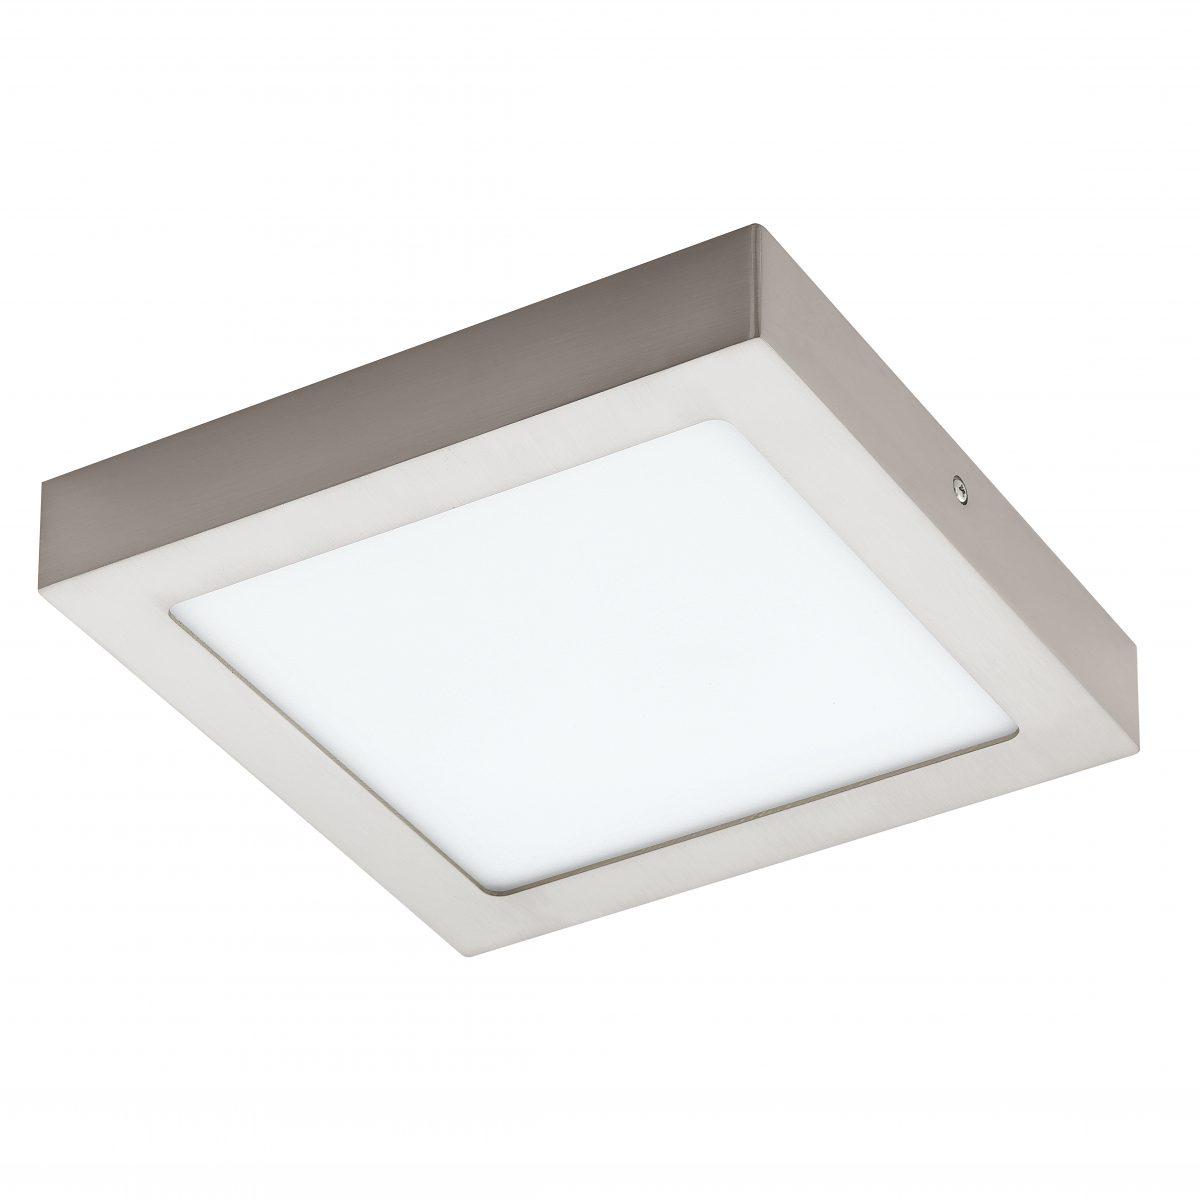 Светильник настенно-потолочный FUEVA-C/CONNECT EGLO 96679 - Фото №28